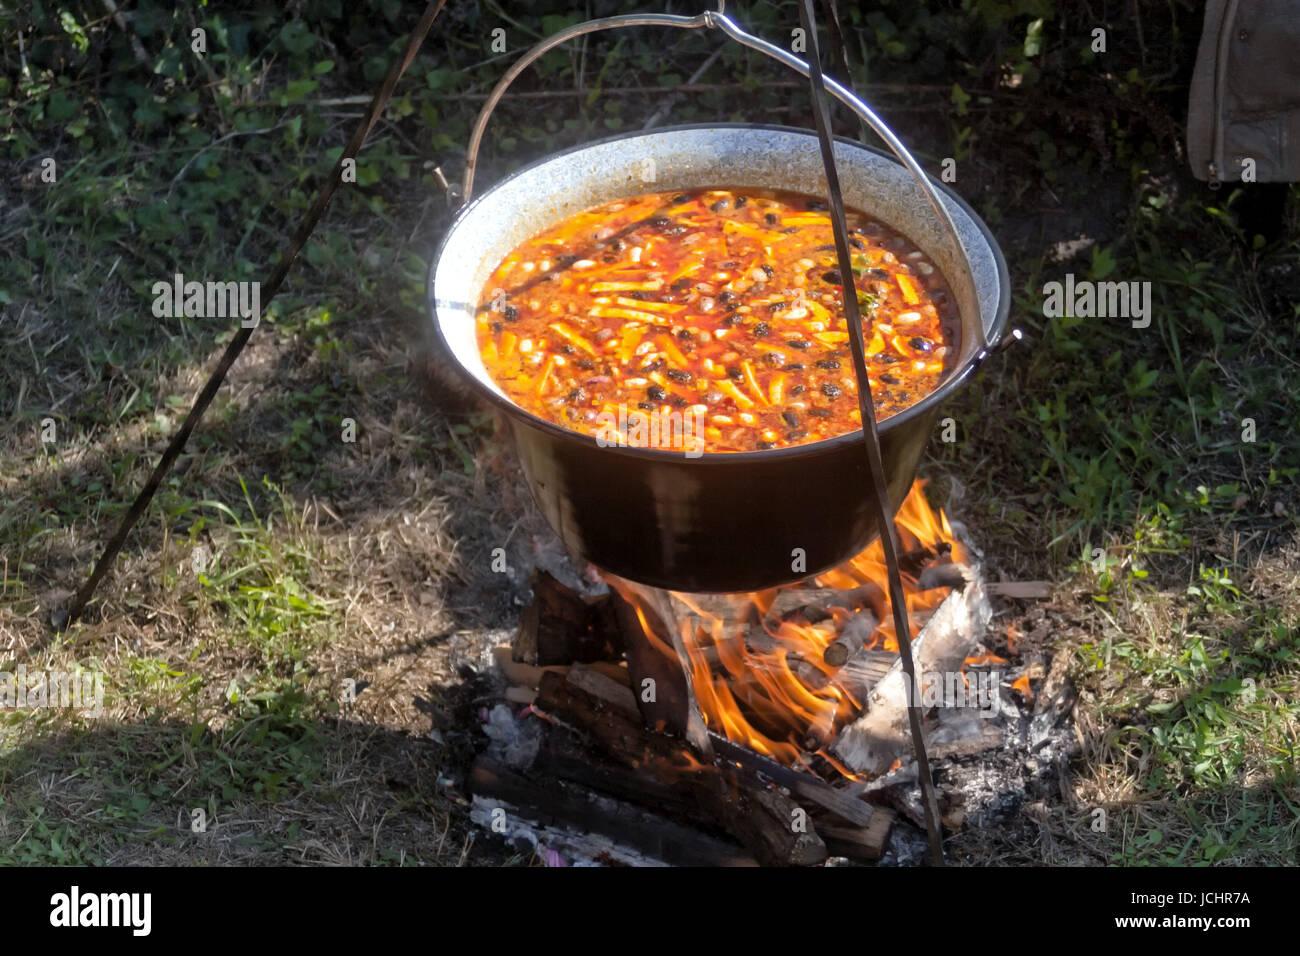 Bohne Gulasch in einem Kessel über offenem Feuer kochen Stockfoto ...